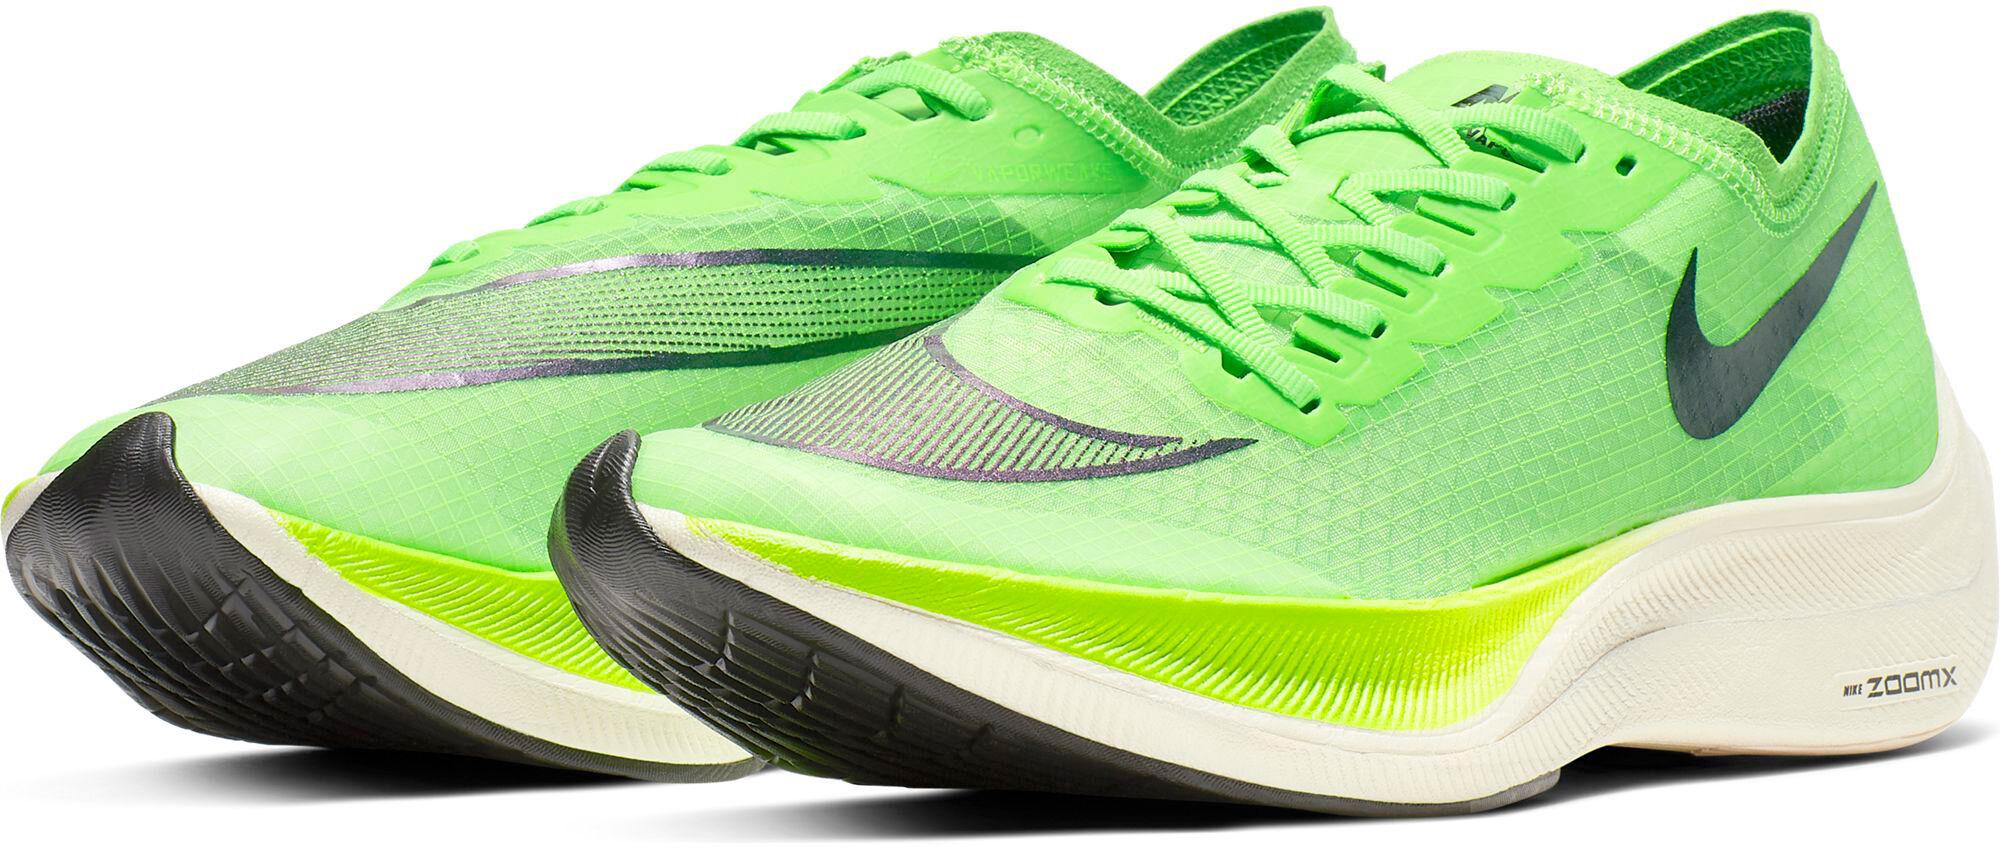 Nike ZoomX Vaporfly Next% hardloopschoenen Heren Groen ...